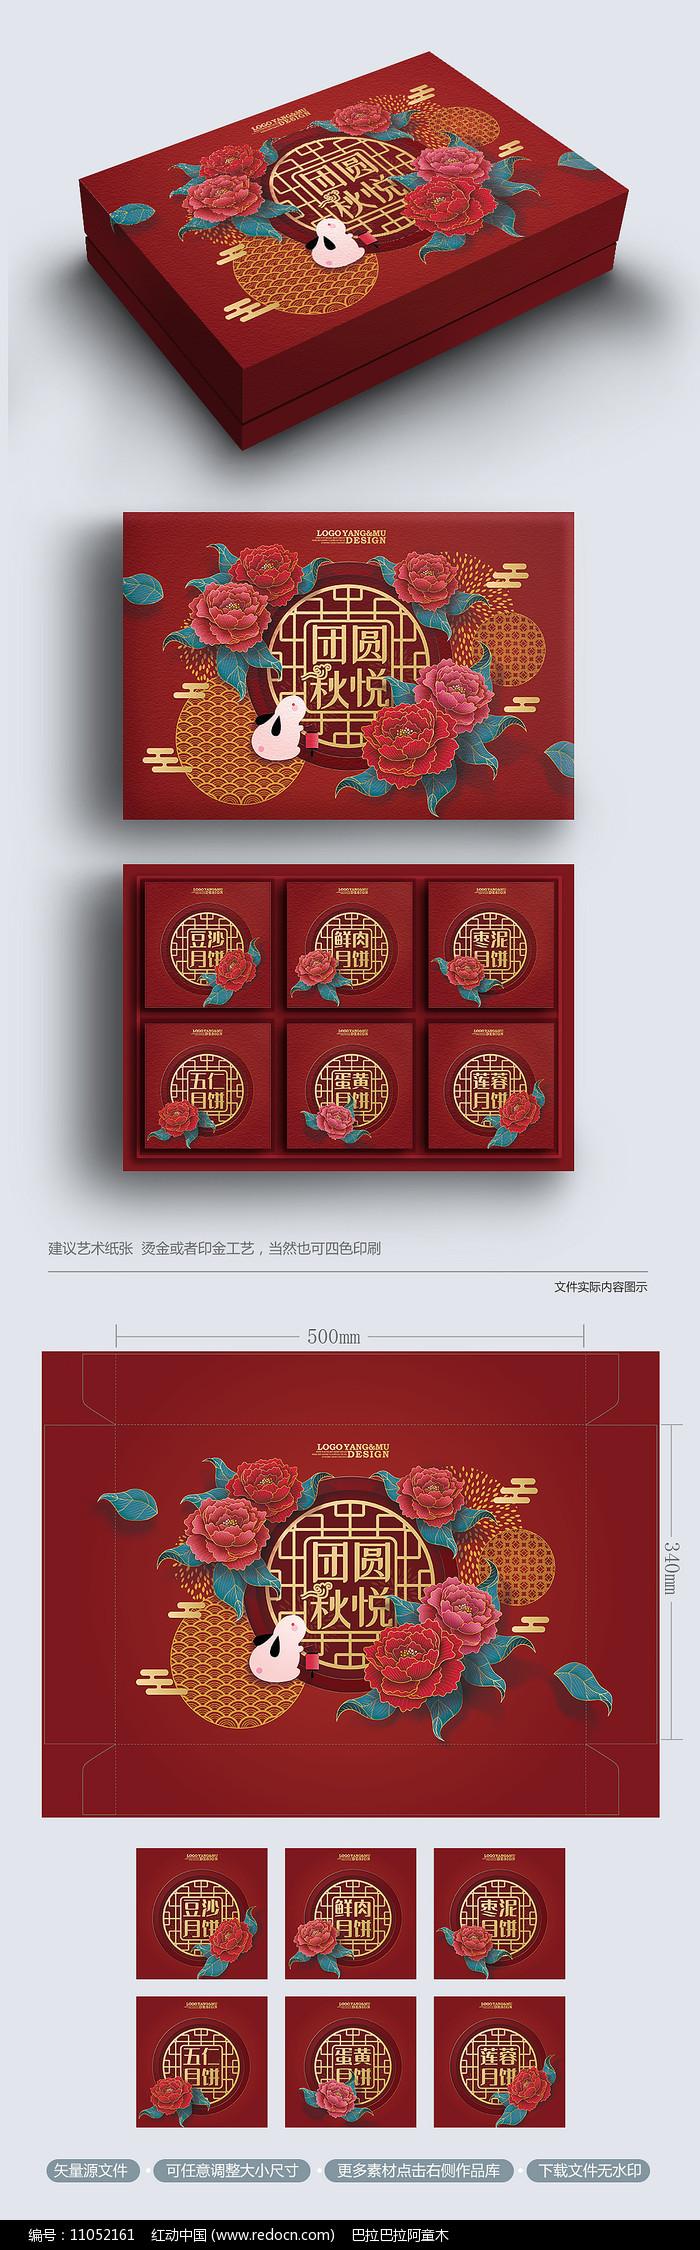 红色高端时尚中秋月饼包装礼盒图片